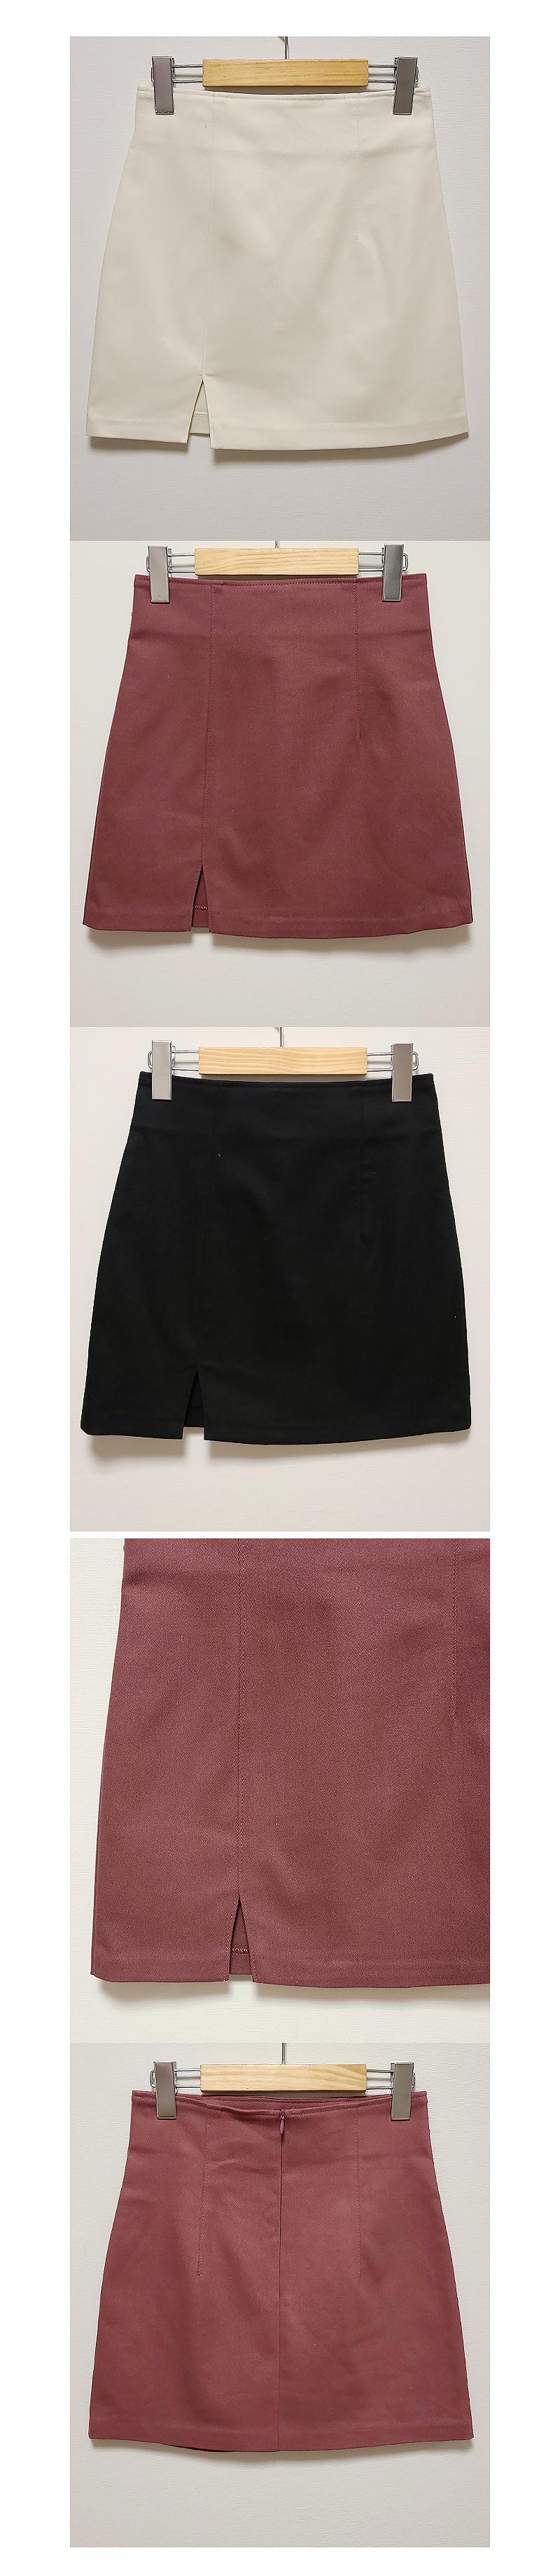 Before trim slim-fit skirt